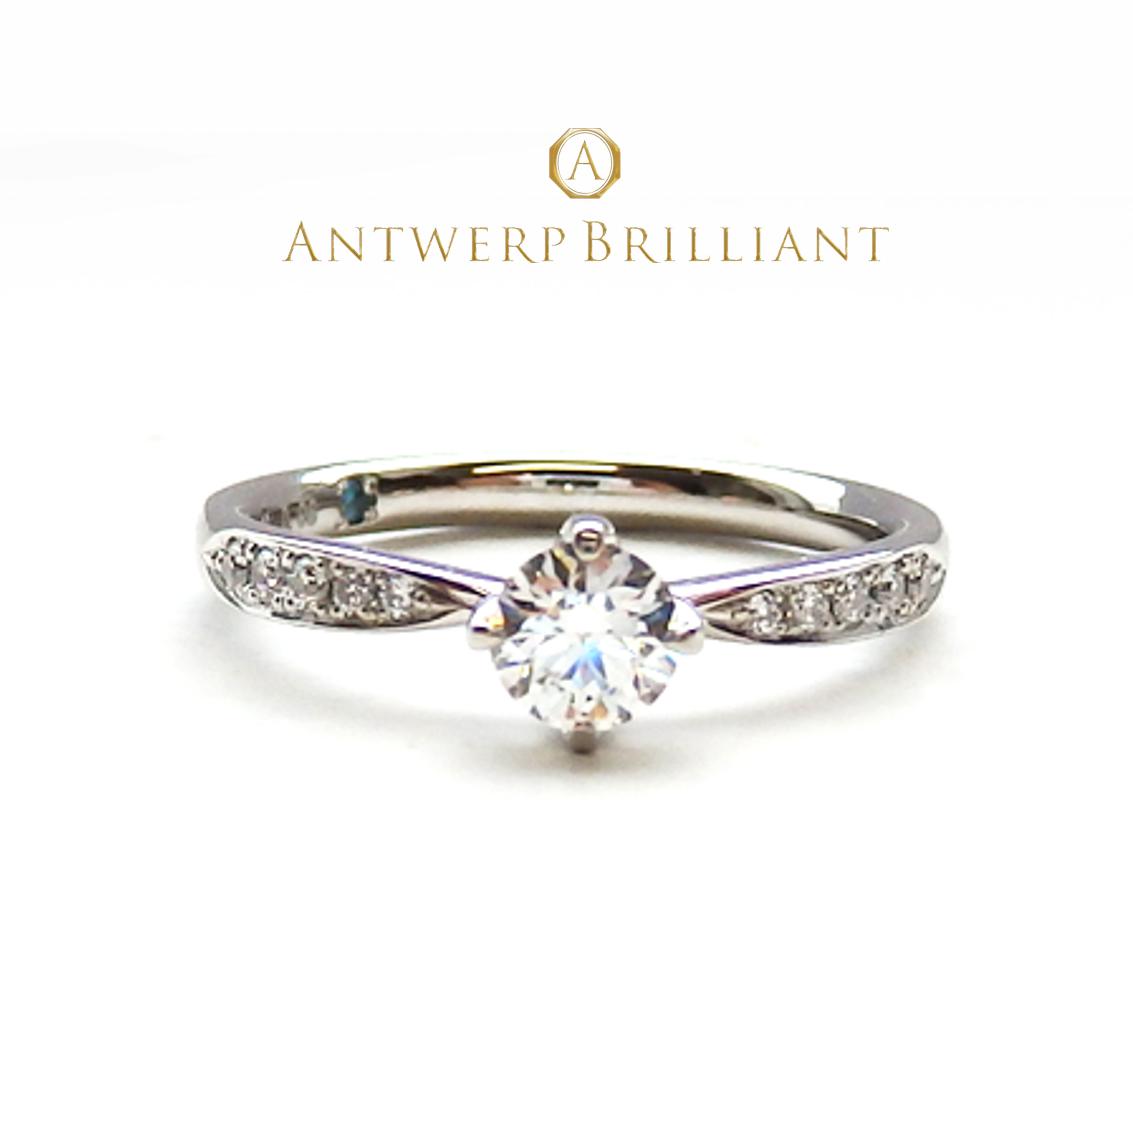 婚約指輪 エンゲージリング ダイヤモンド 銀座 プラチナ オシャレ 憧れのエンゲージ 花嫁 結婚式